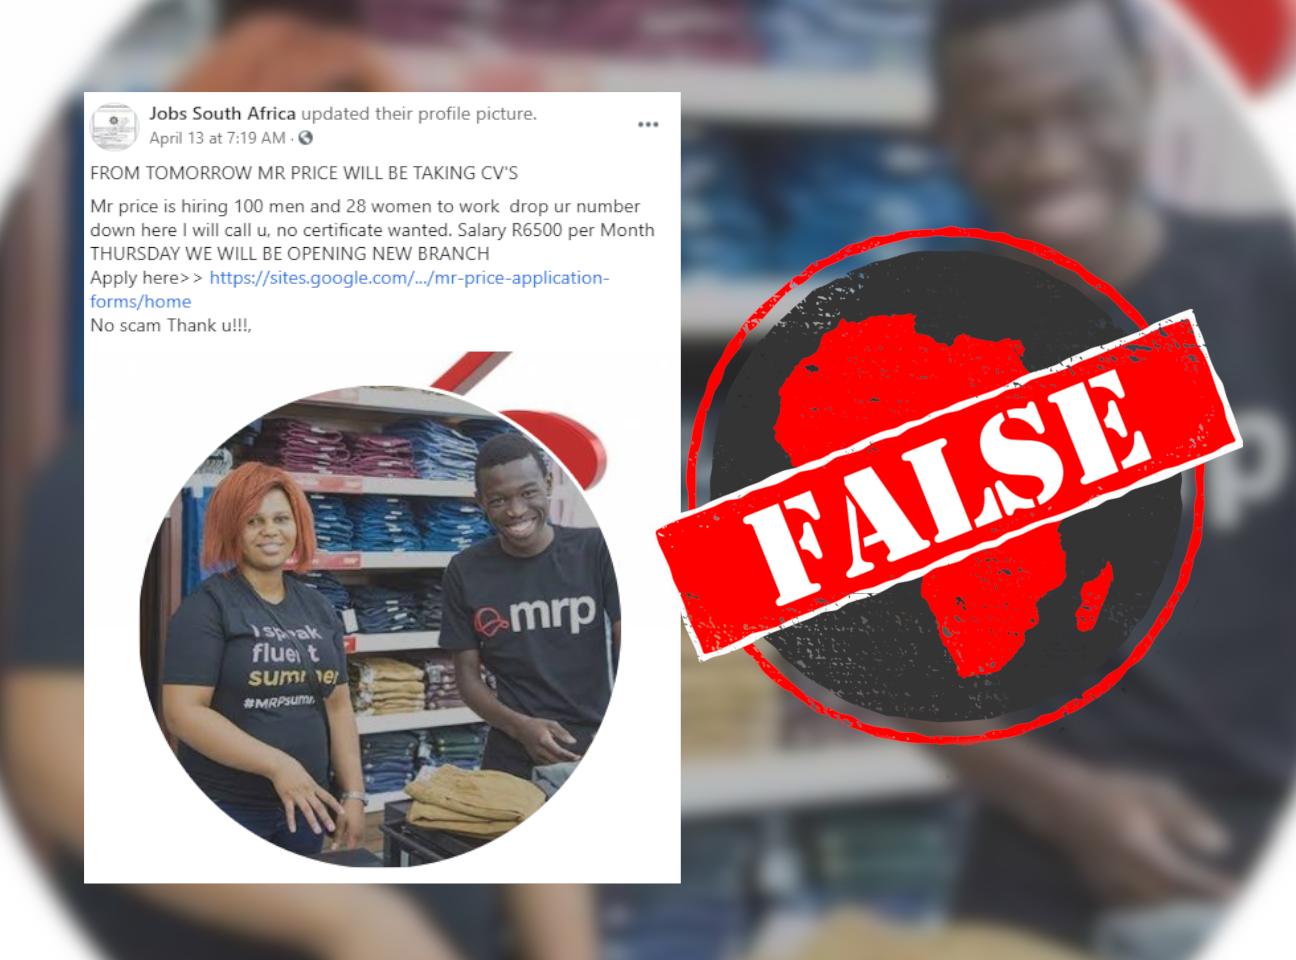 MrPriceJob_False